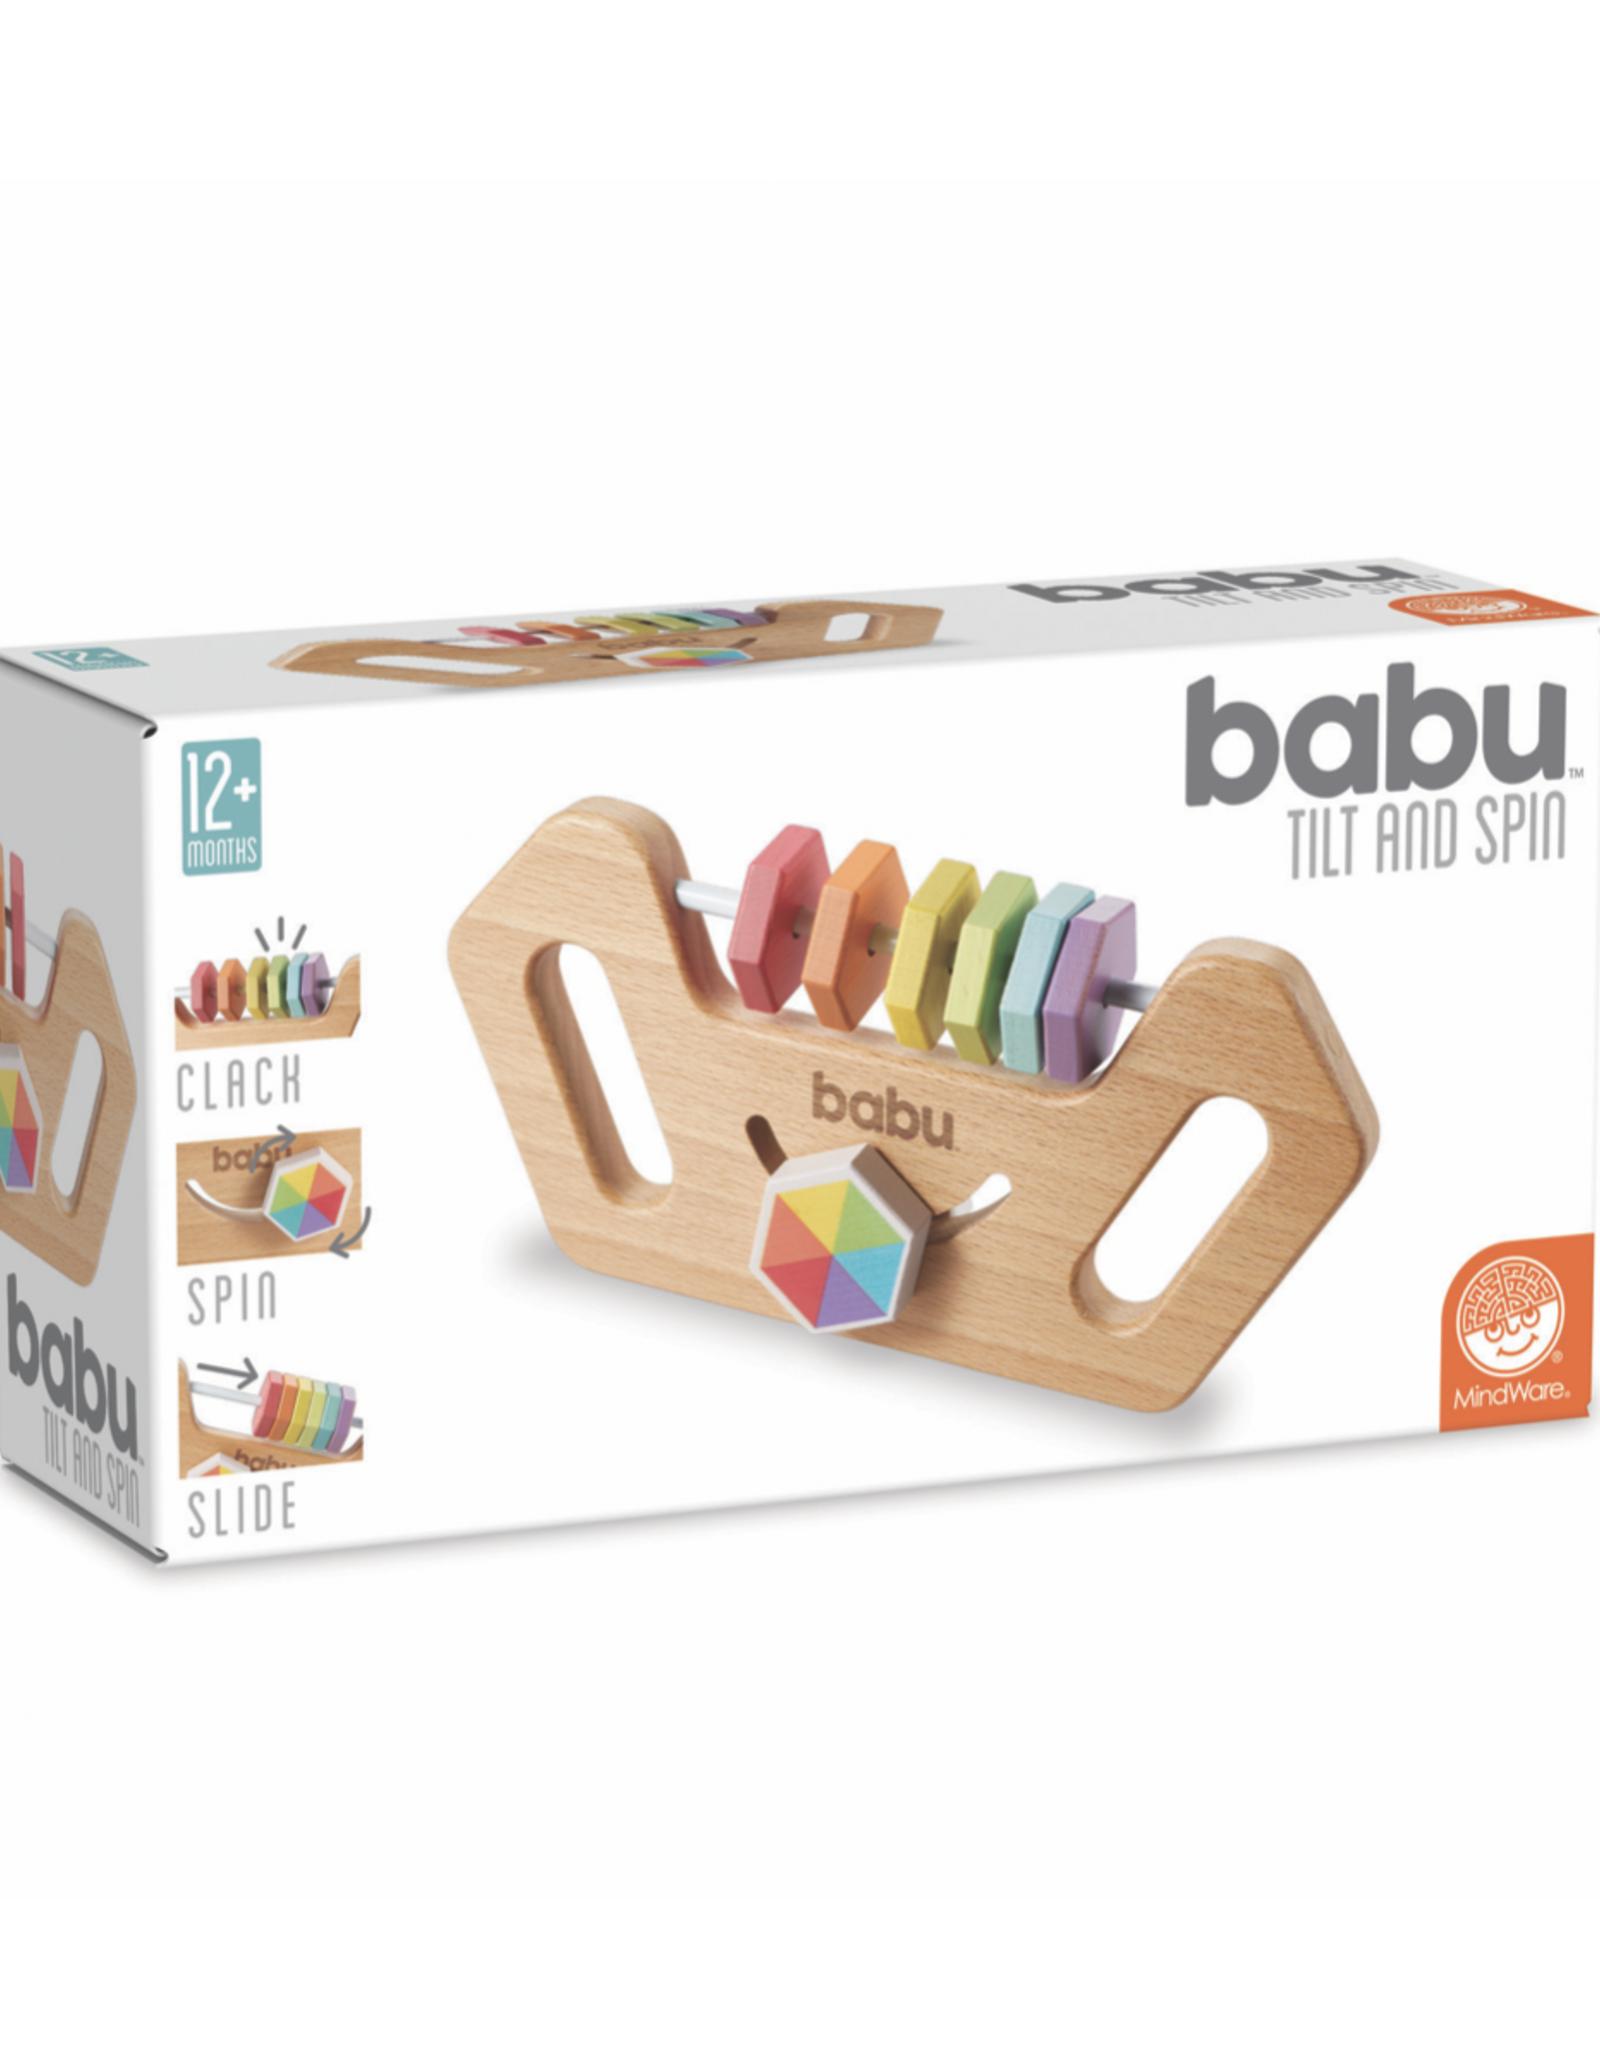 Babu Babu: Tilt and Spin